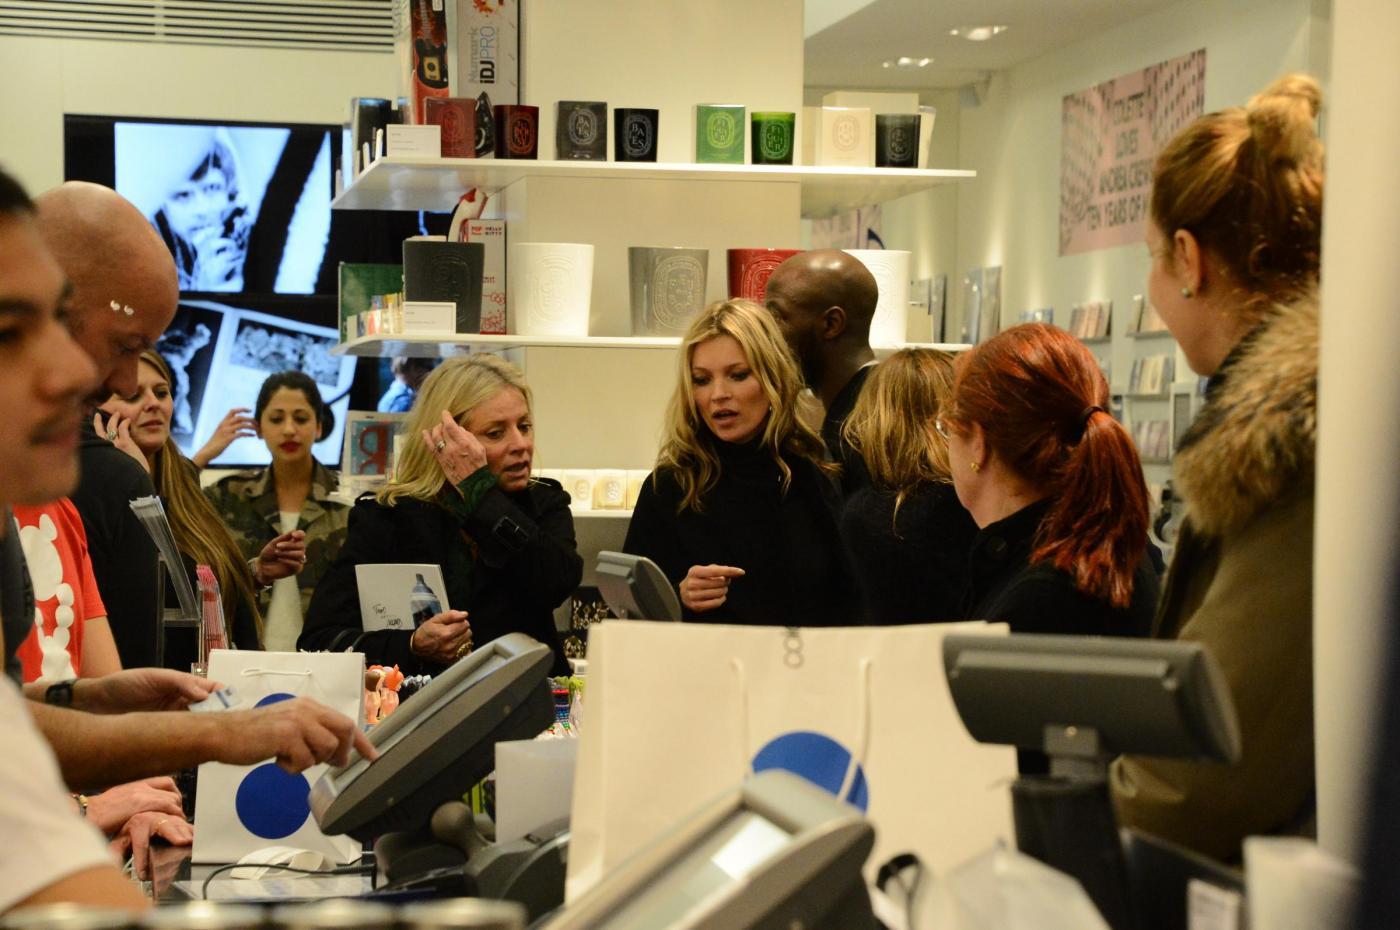 Kate Moss alla stazione di Parigi02